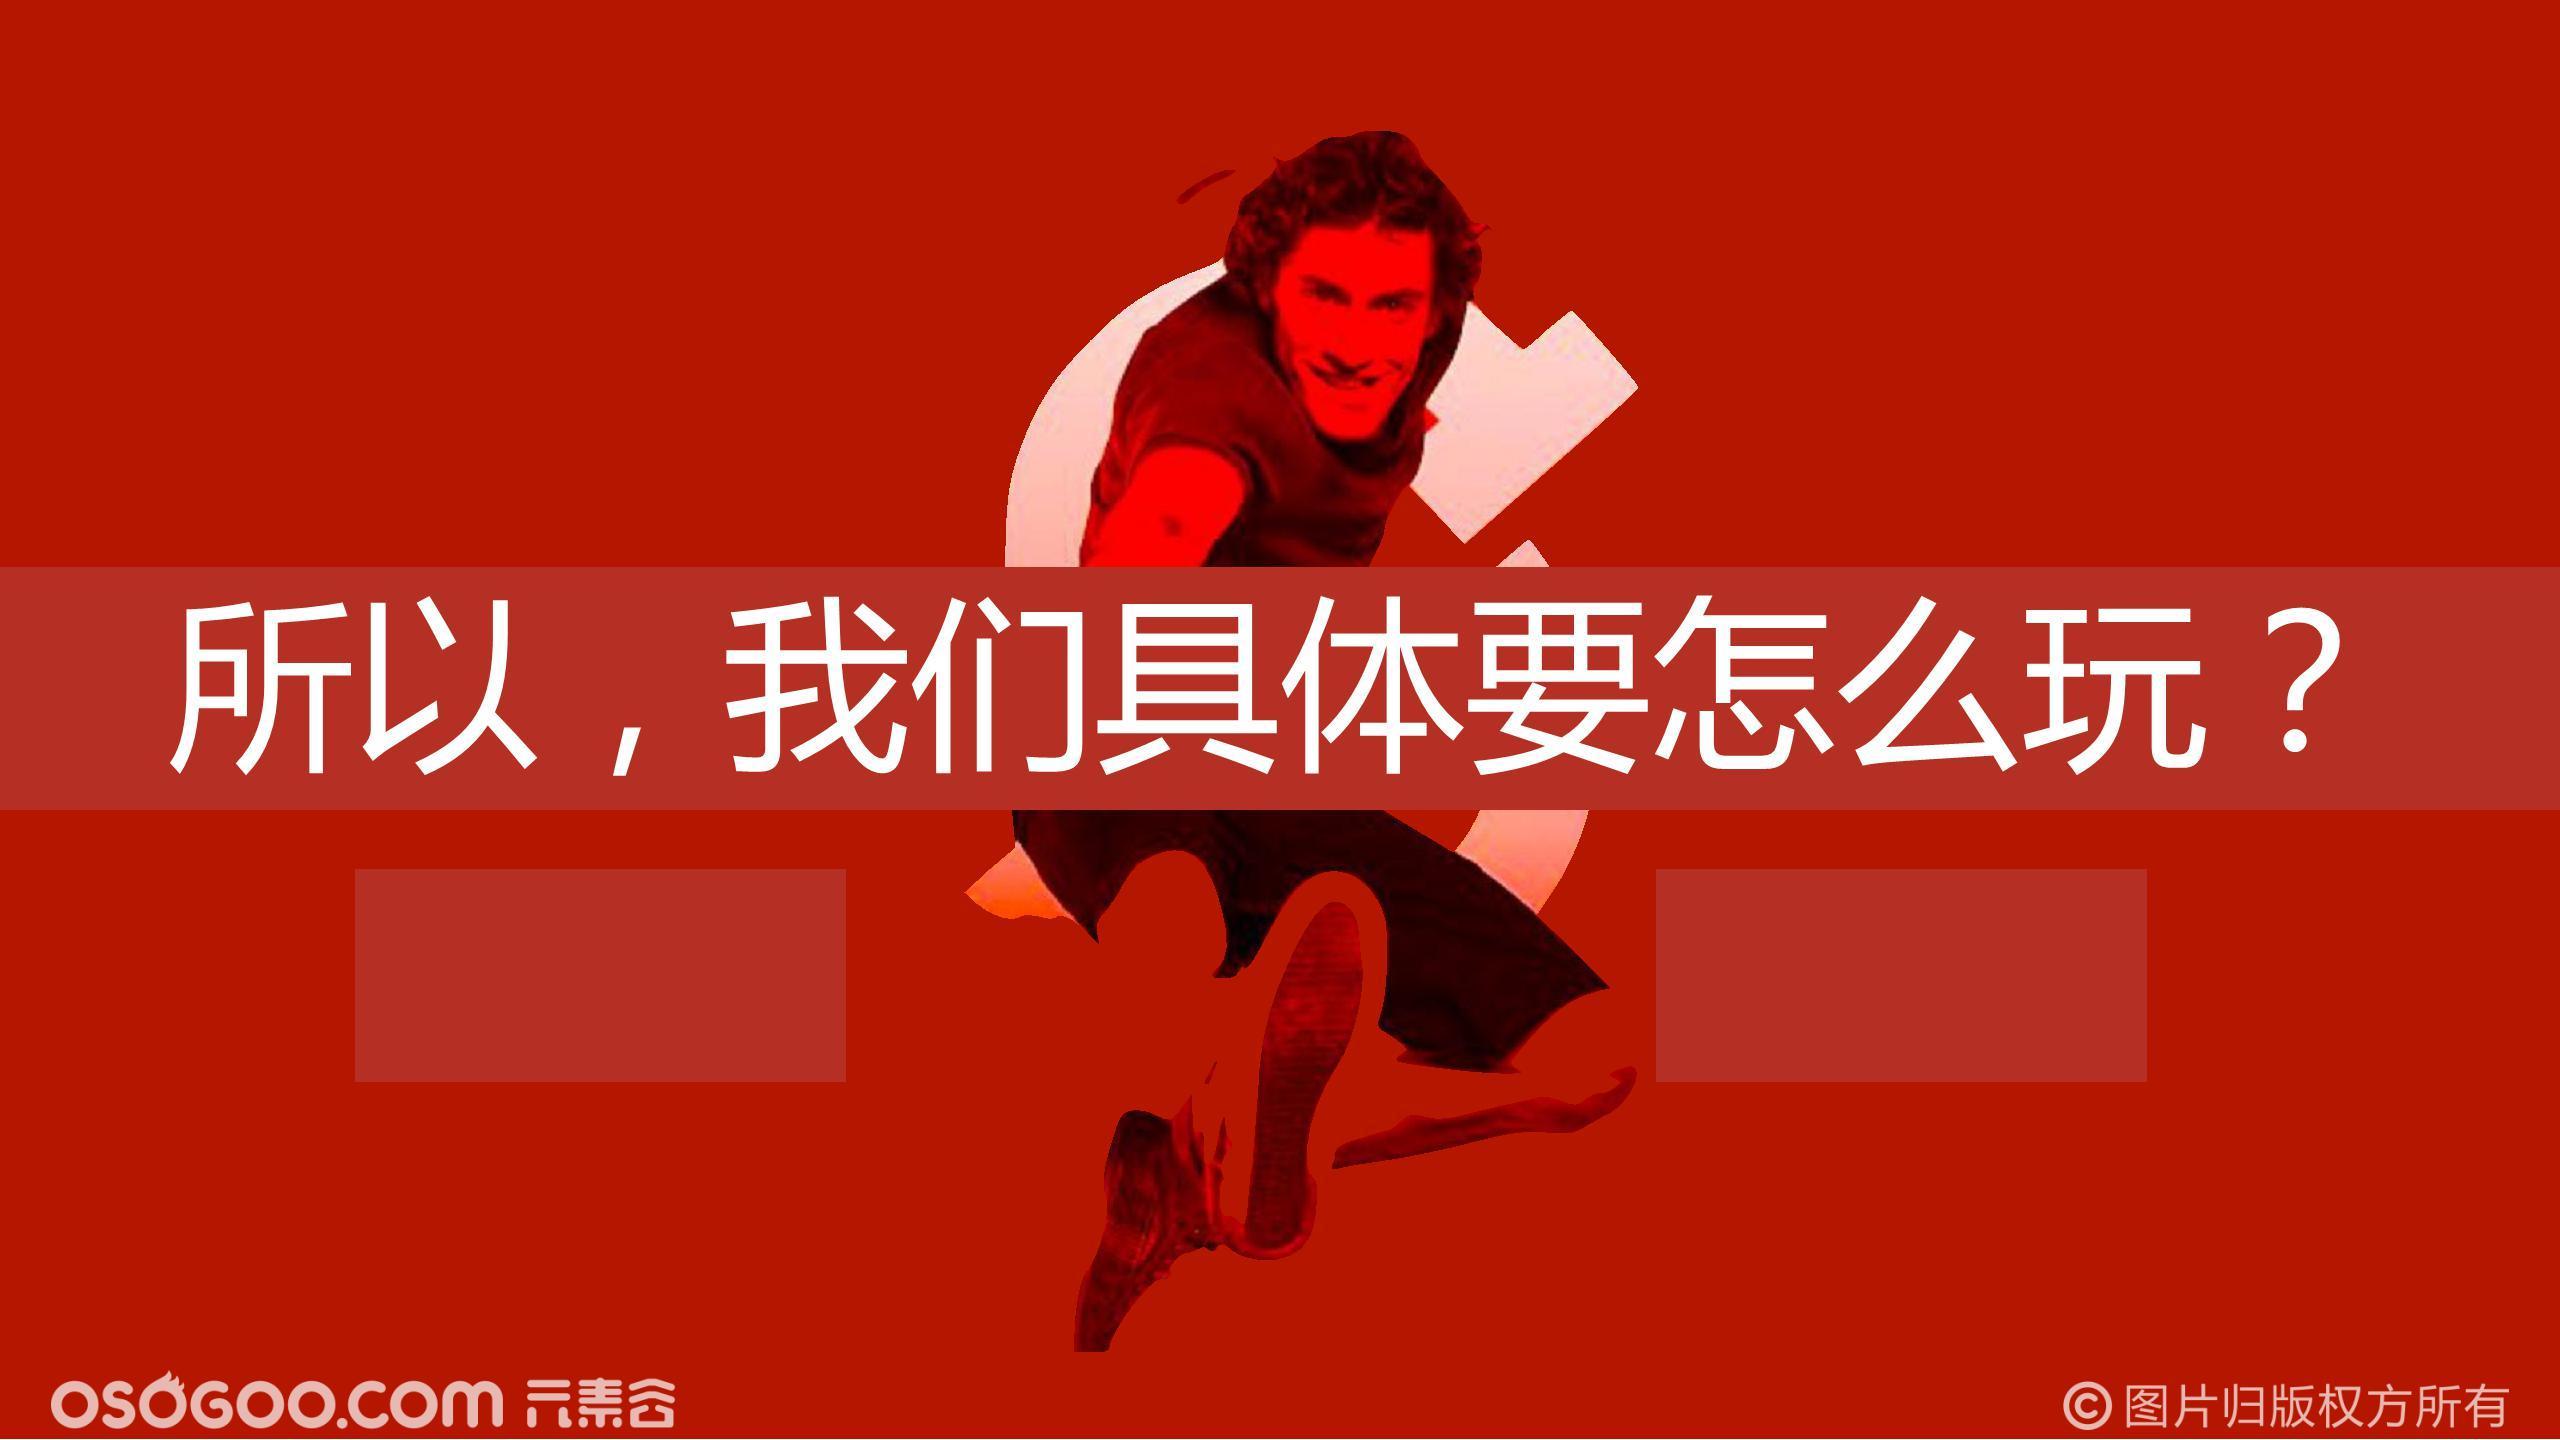 """2020年商业广场""""潮拜天地""""元宵庙会活动策划案"""